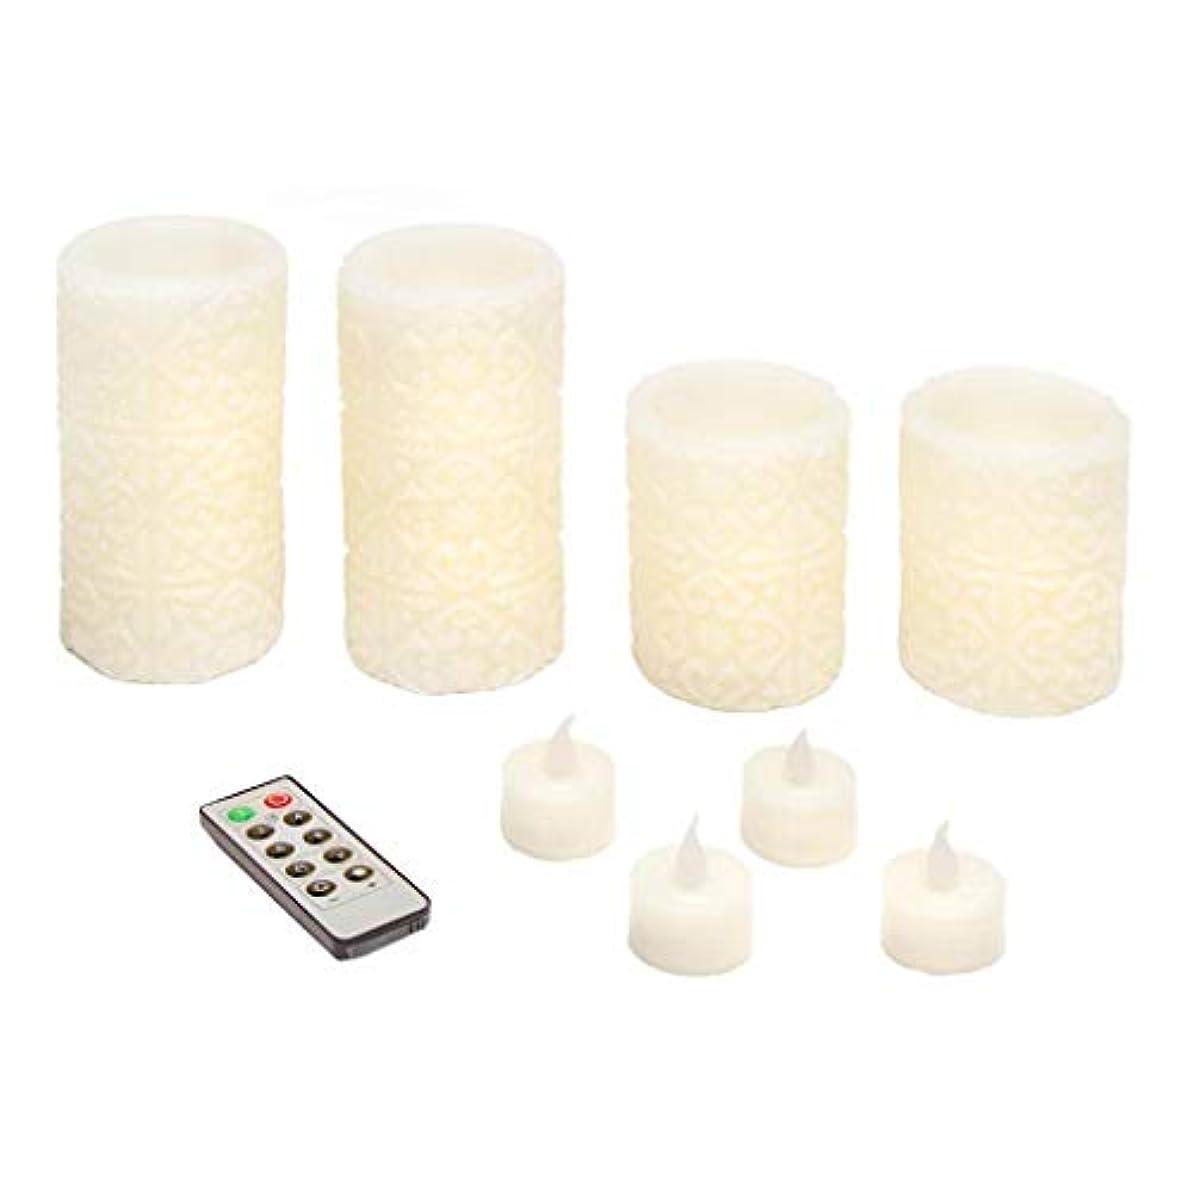 執着常にアブストラクトDarice 彫刻LEDピラーセット アイボリー:4ピラー、4Tライト&リモート。